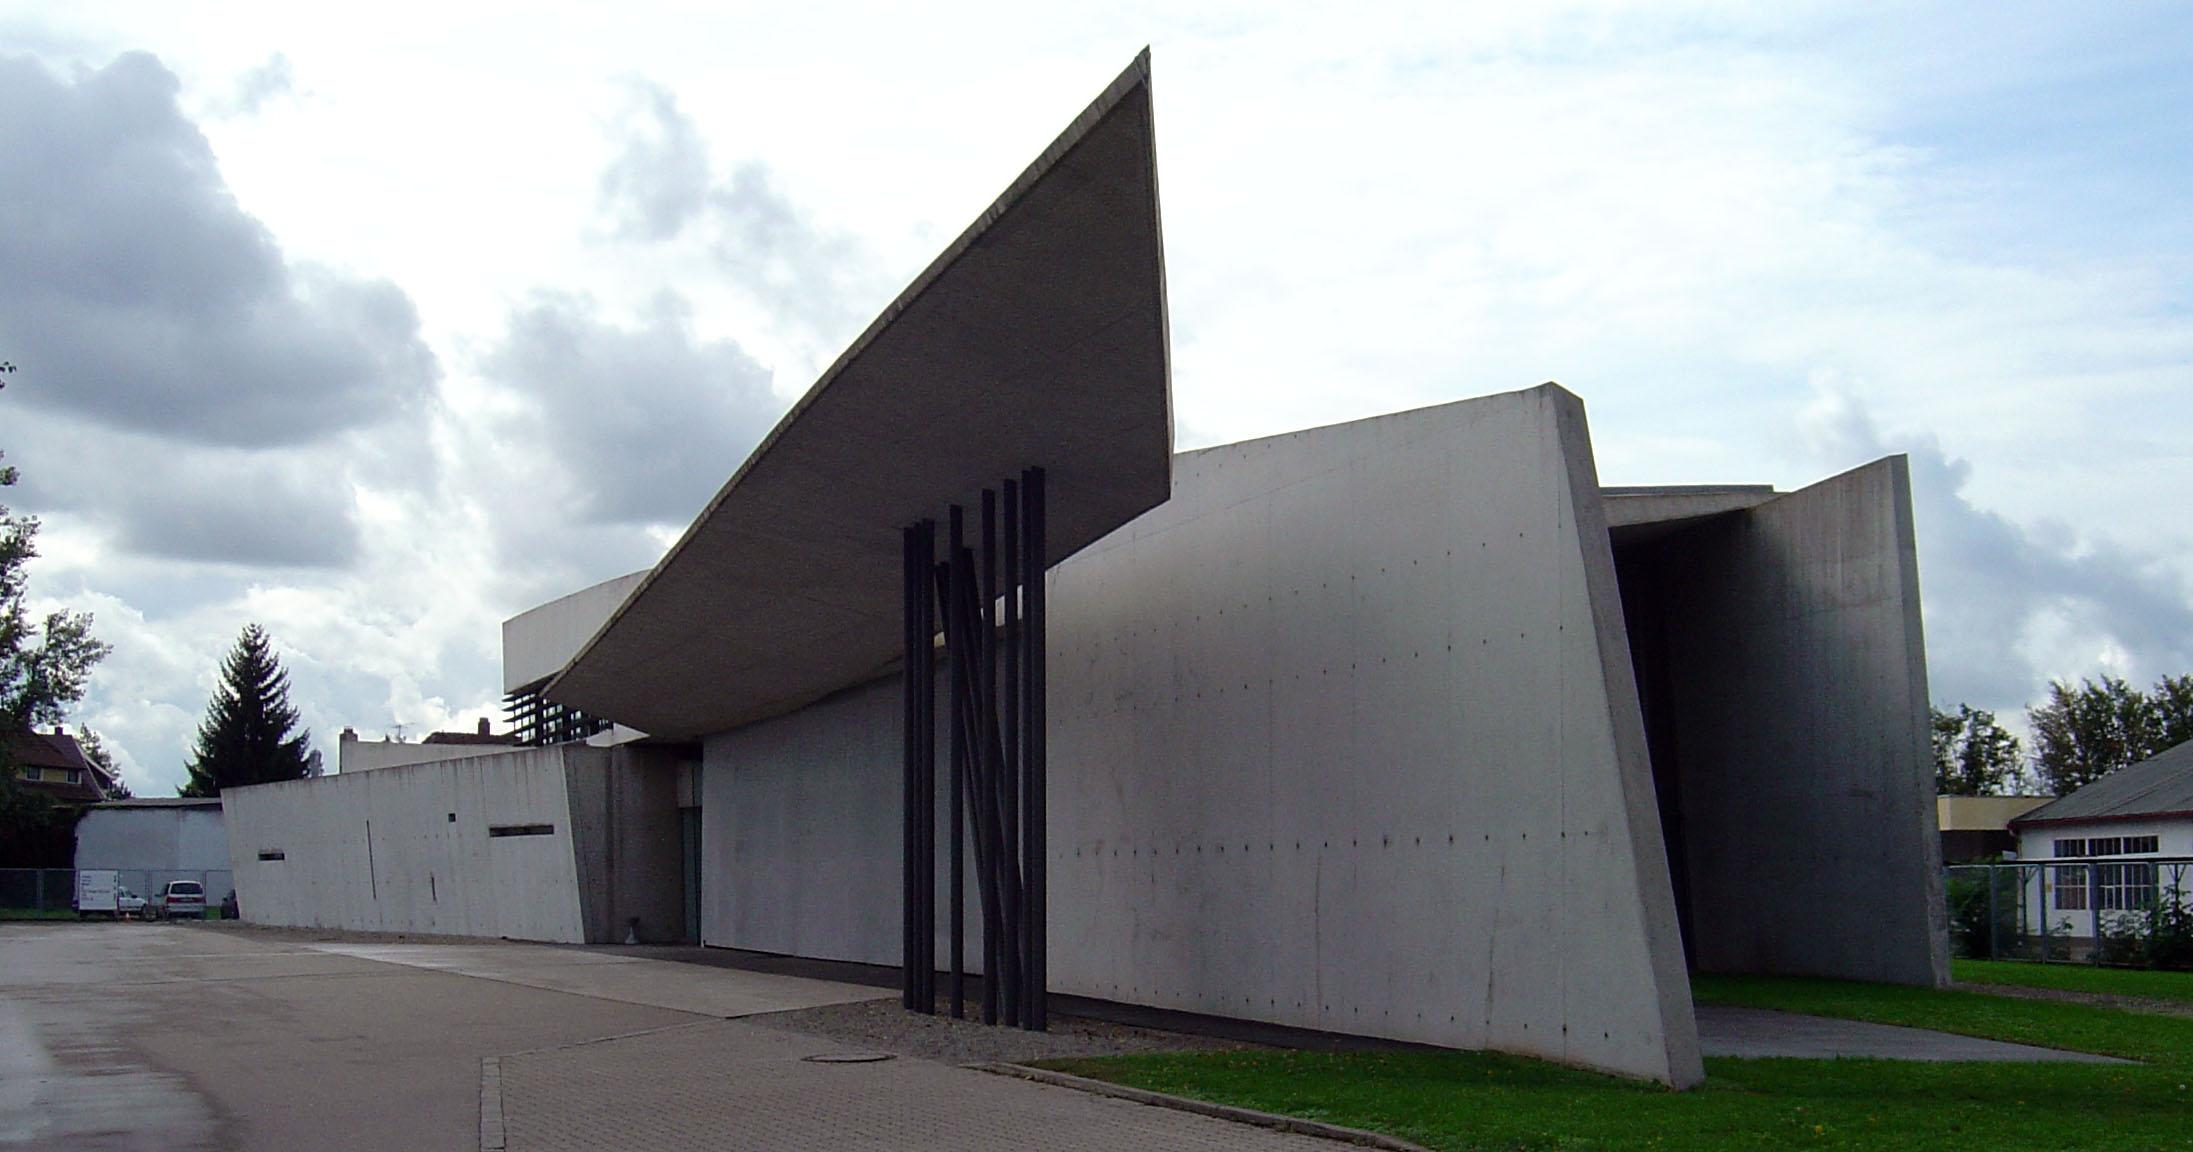 Vitra Museum Switzerland Vitra Design Museum – Fire